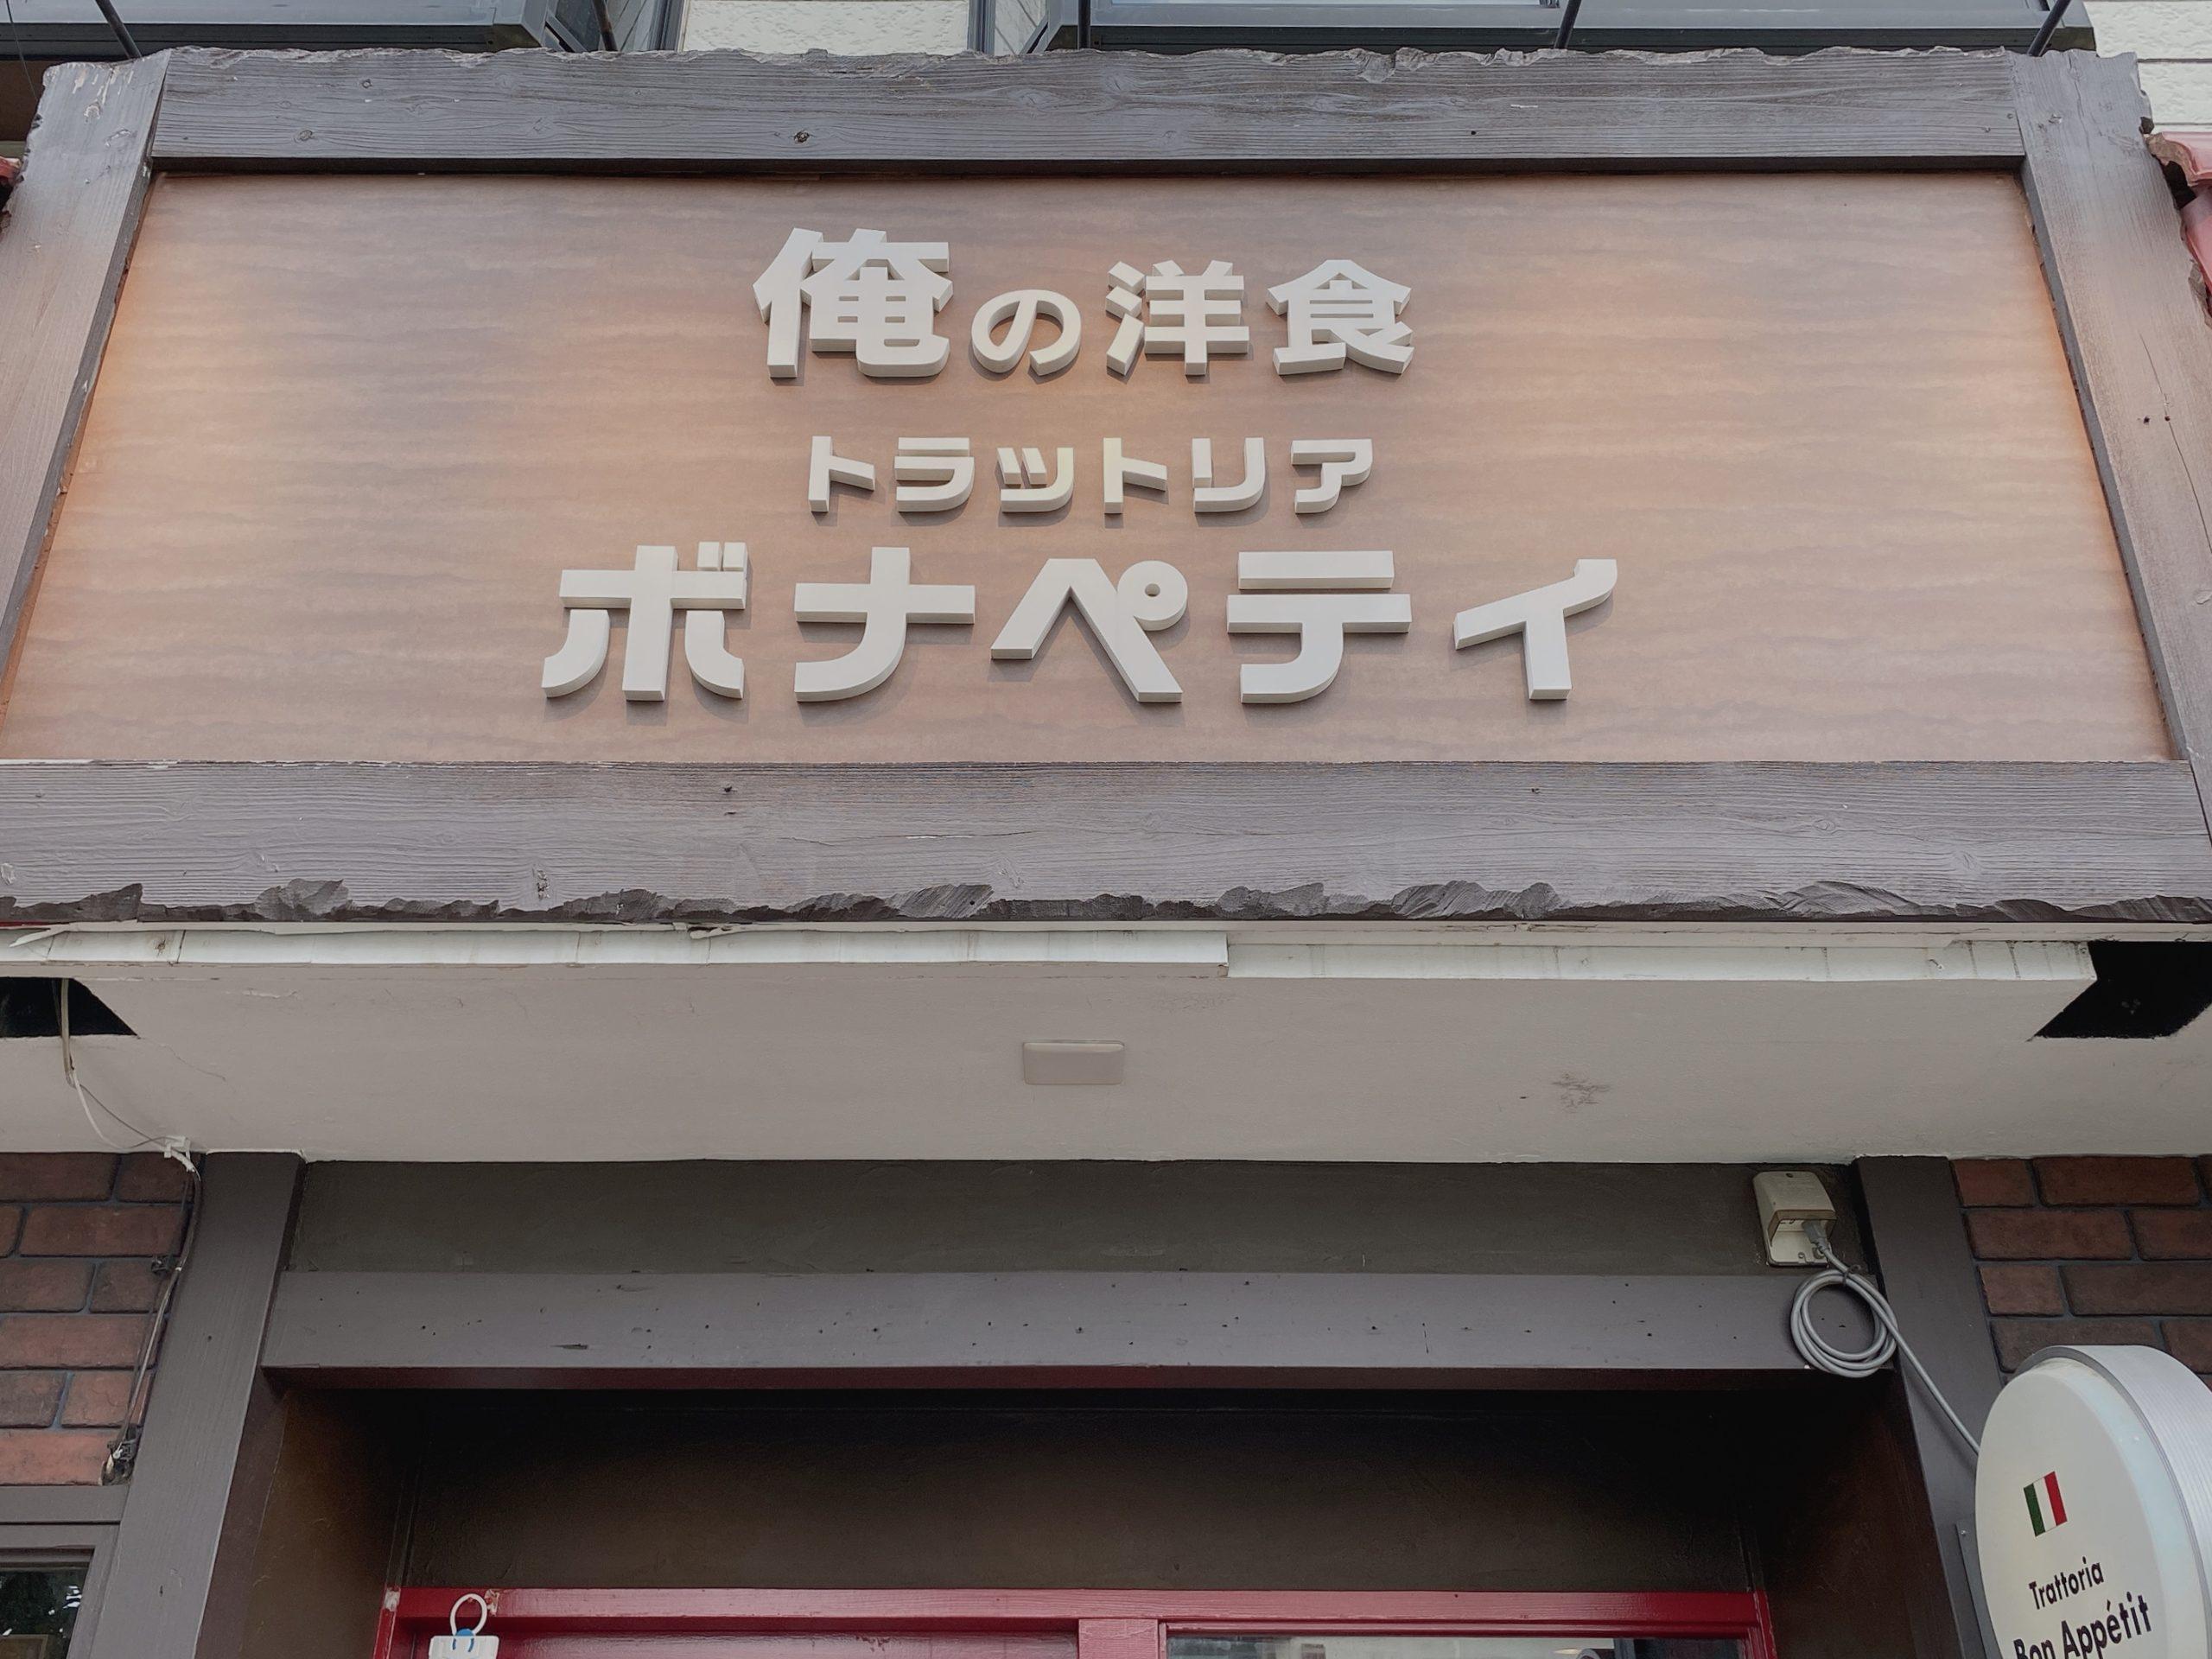 見沼区大和田町 俺の洋食トラットリアボナペティ